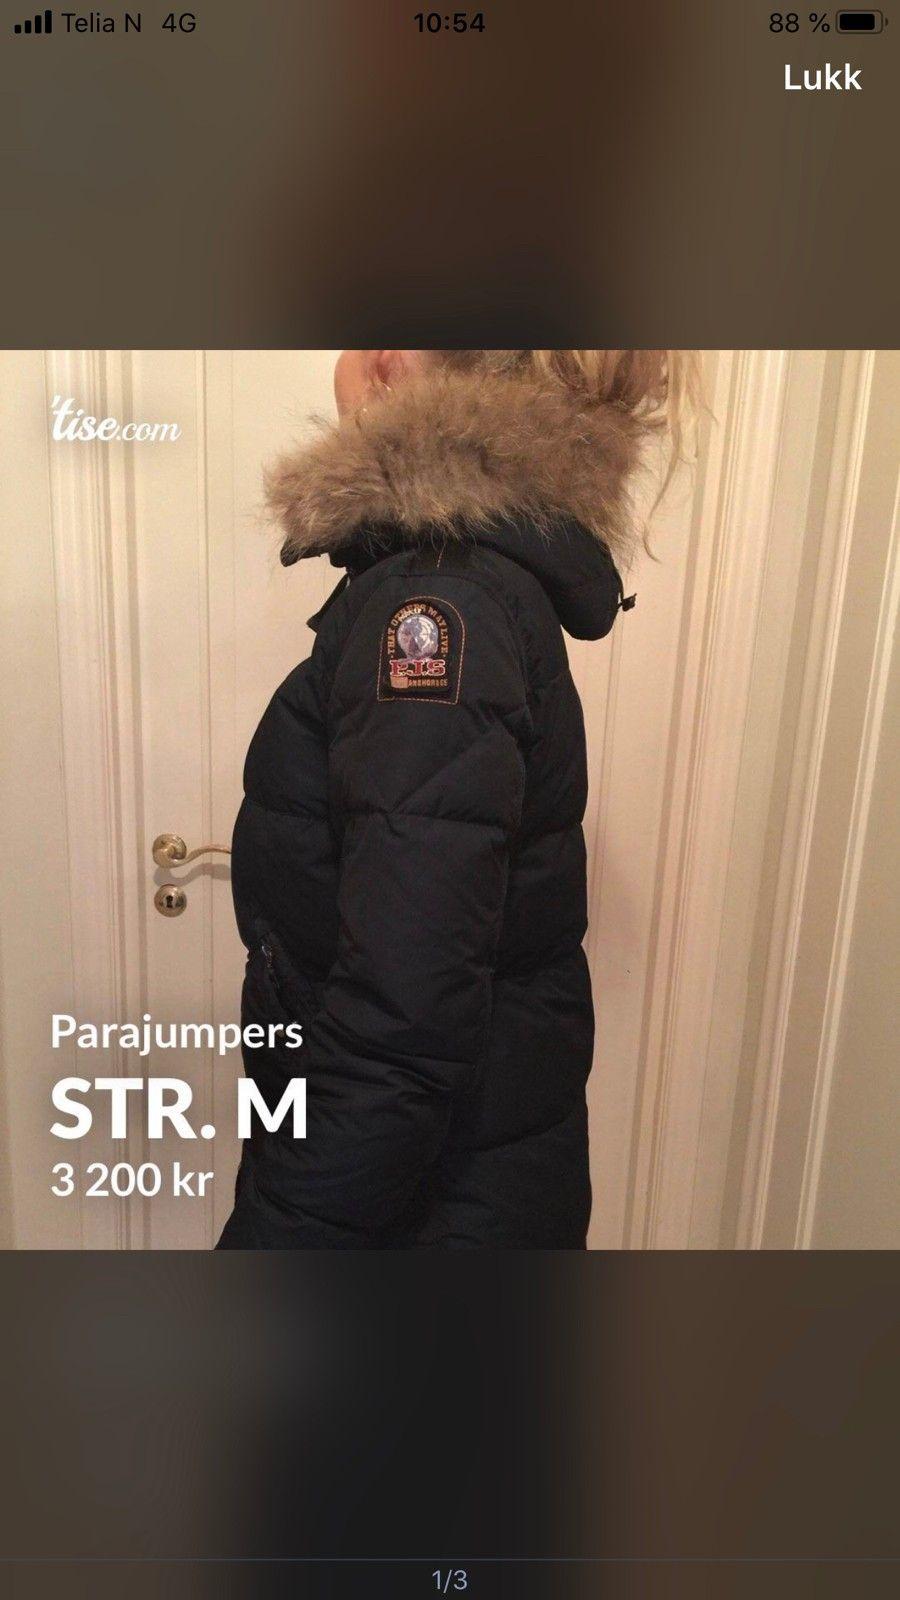 Parajumpers 2JS | FINN.no